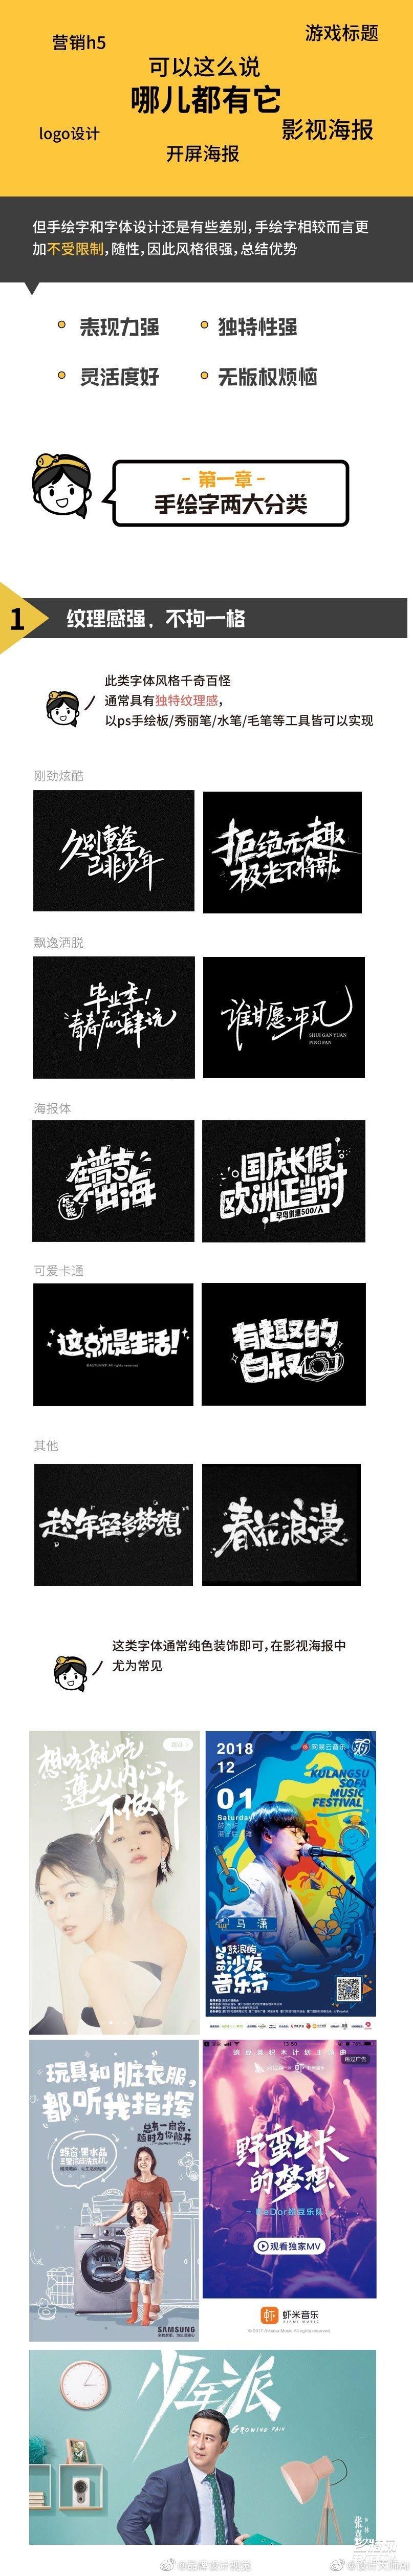 教你用AI制作手绘字体标题设计教程 (作者: 二十豪斯 )